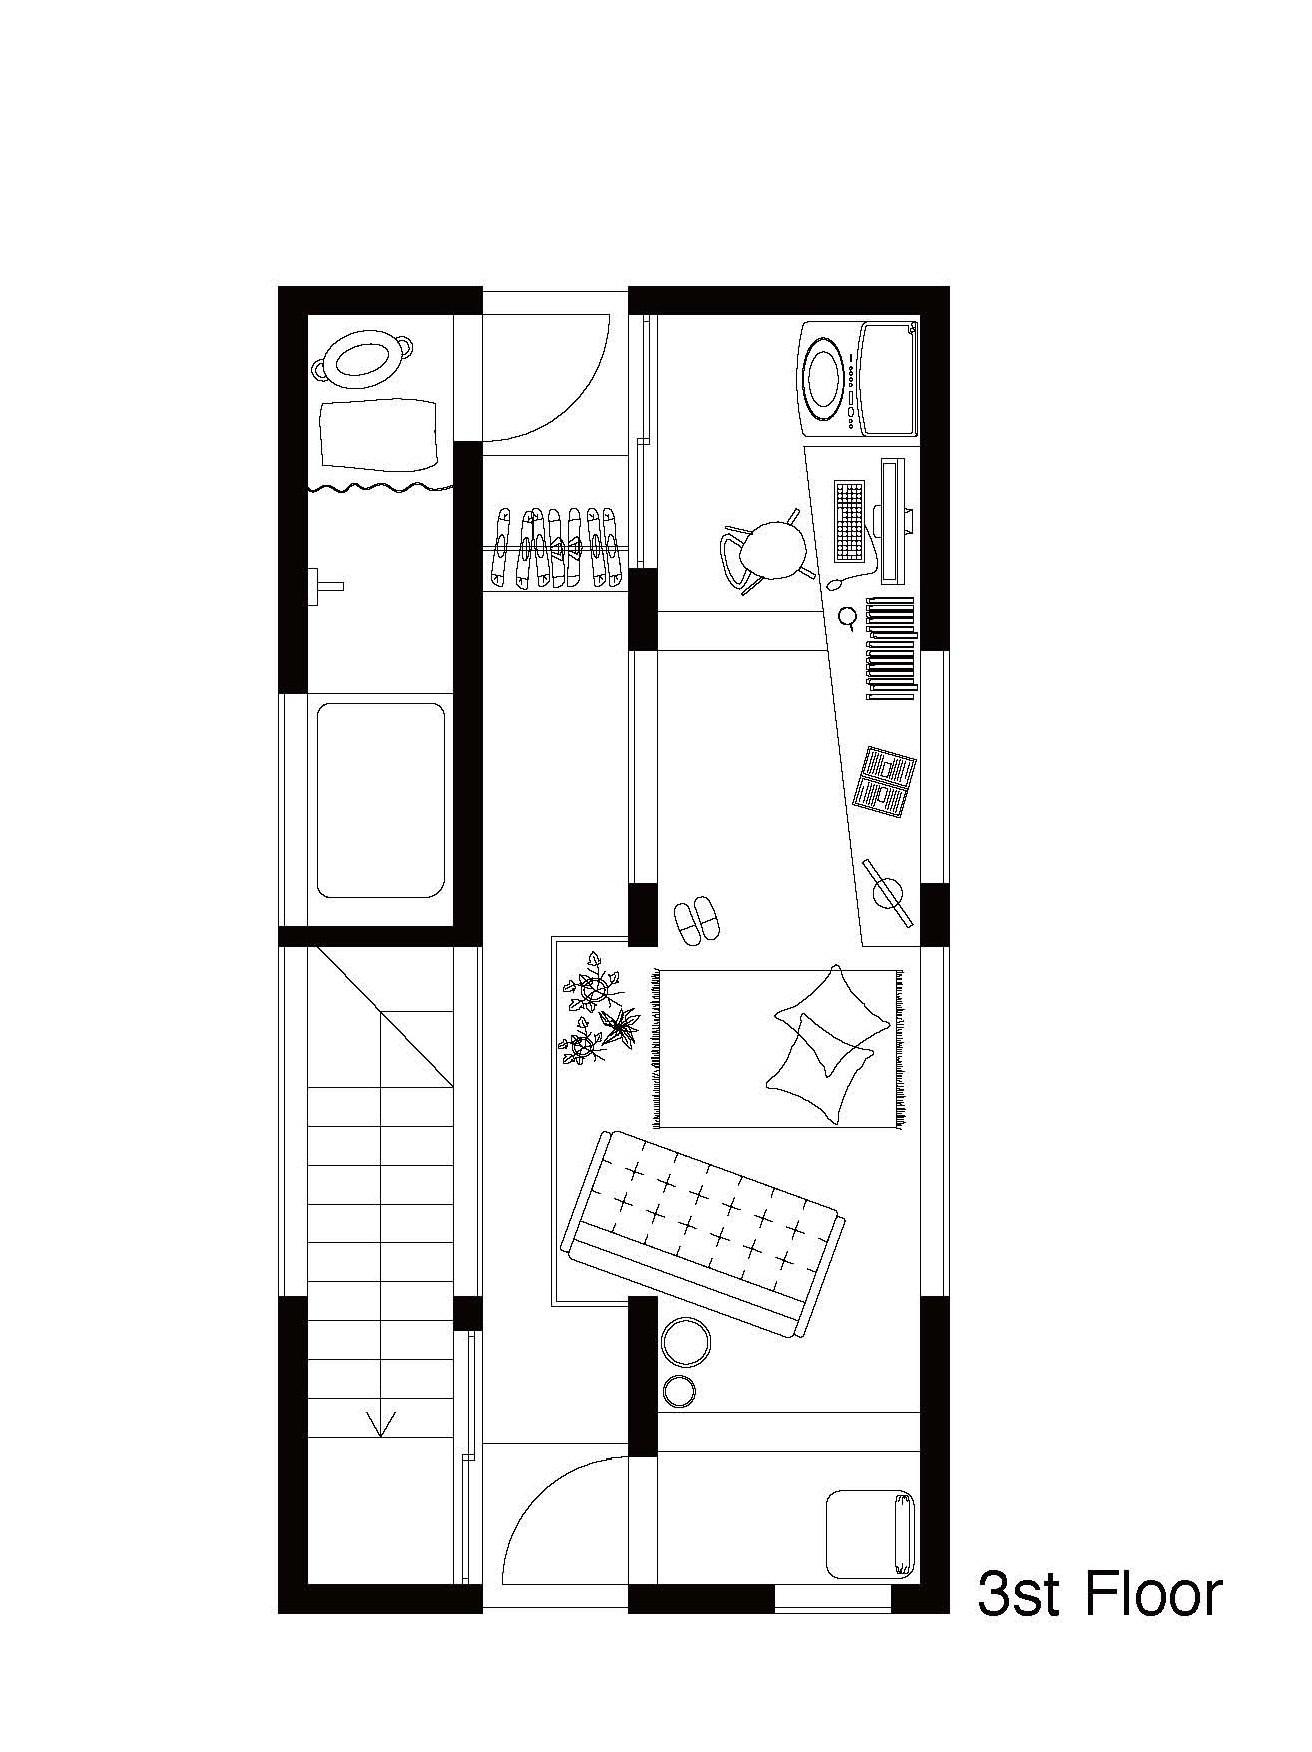 Galeria de uma vida com uma grande abertura on design for Lifestyle homes floor plans